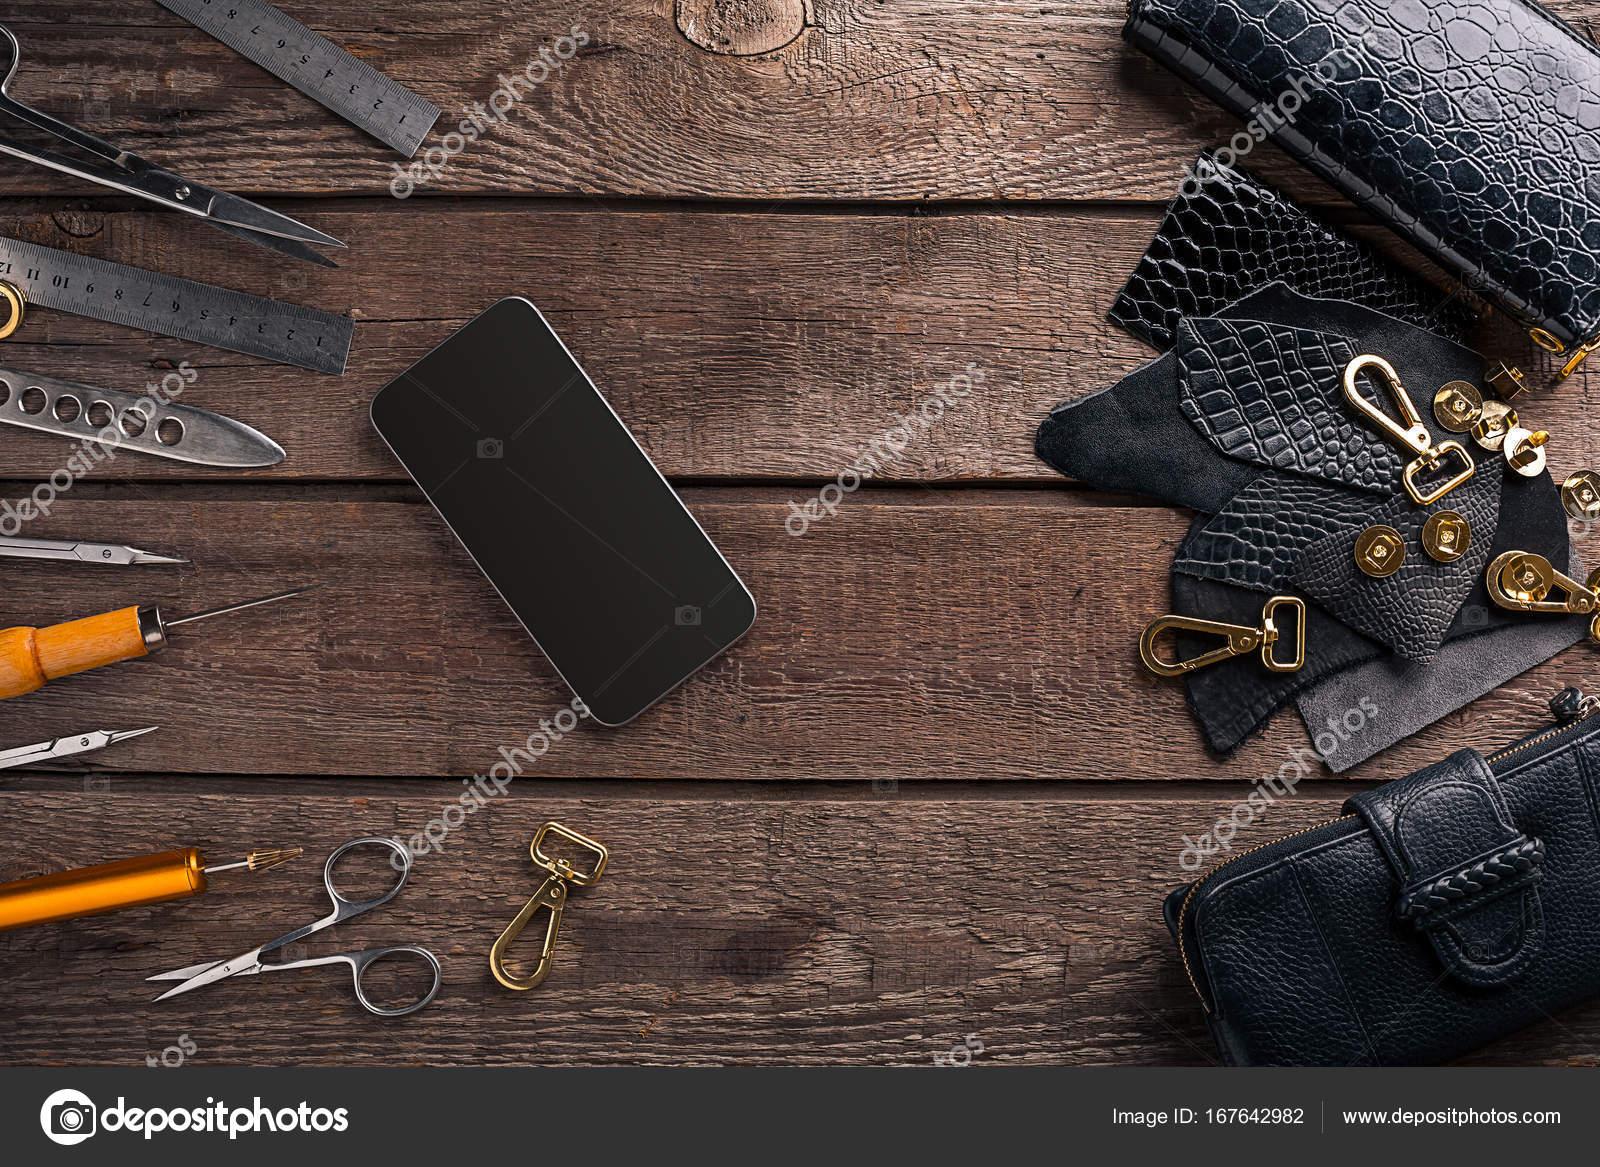 105bf4b3d4 Leather artigianale o lavorazione cuoio. Utensili per la lavorazione di cuoio  e tagliare fuori pezzi di pelle sulla scrivania. Natura morta.